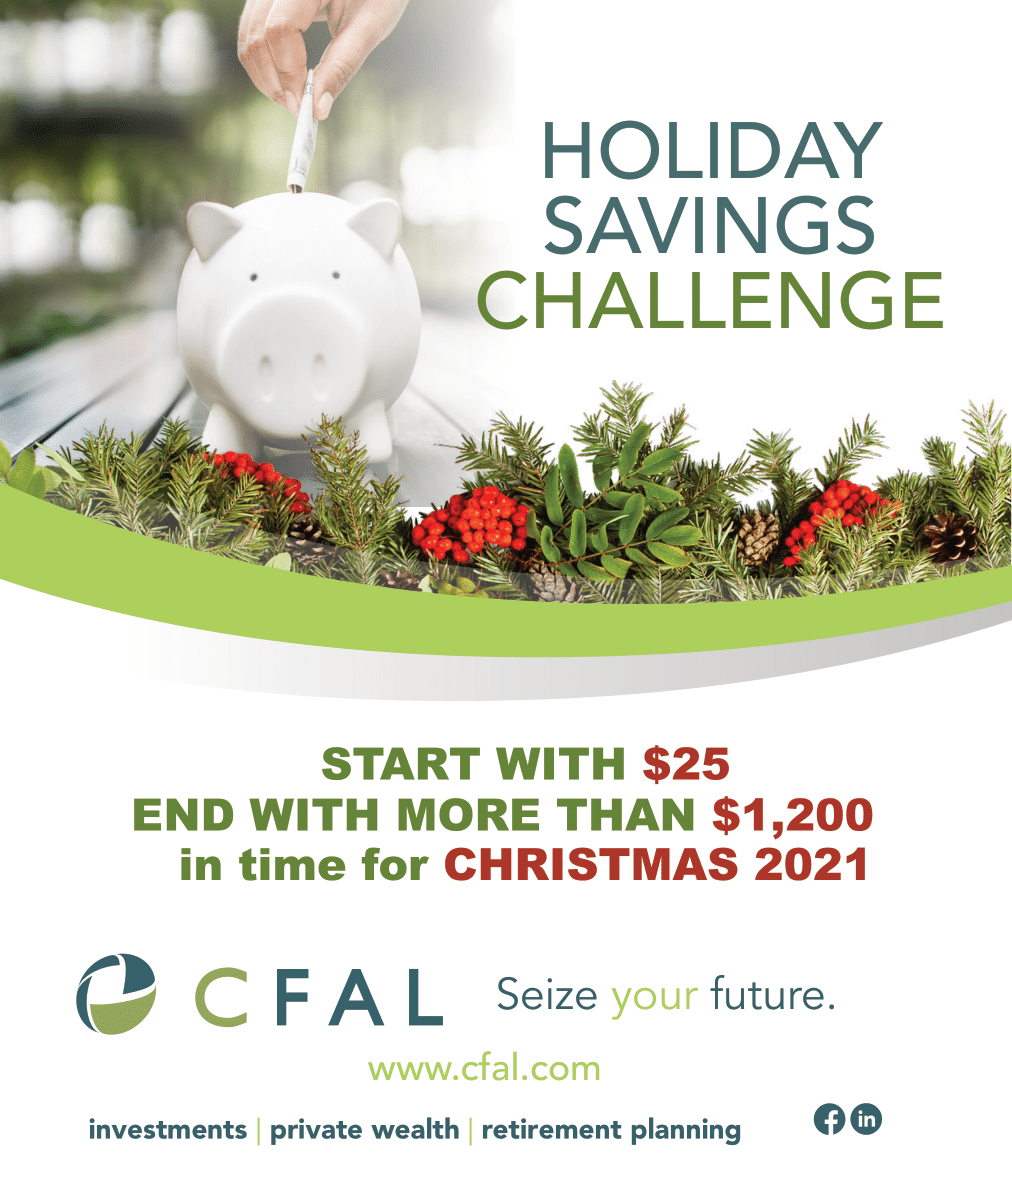 SAVE with the CFAL Holiday Savings Challenge 2021